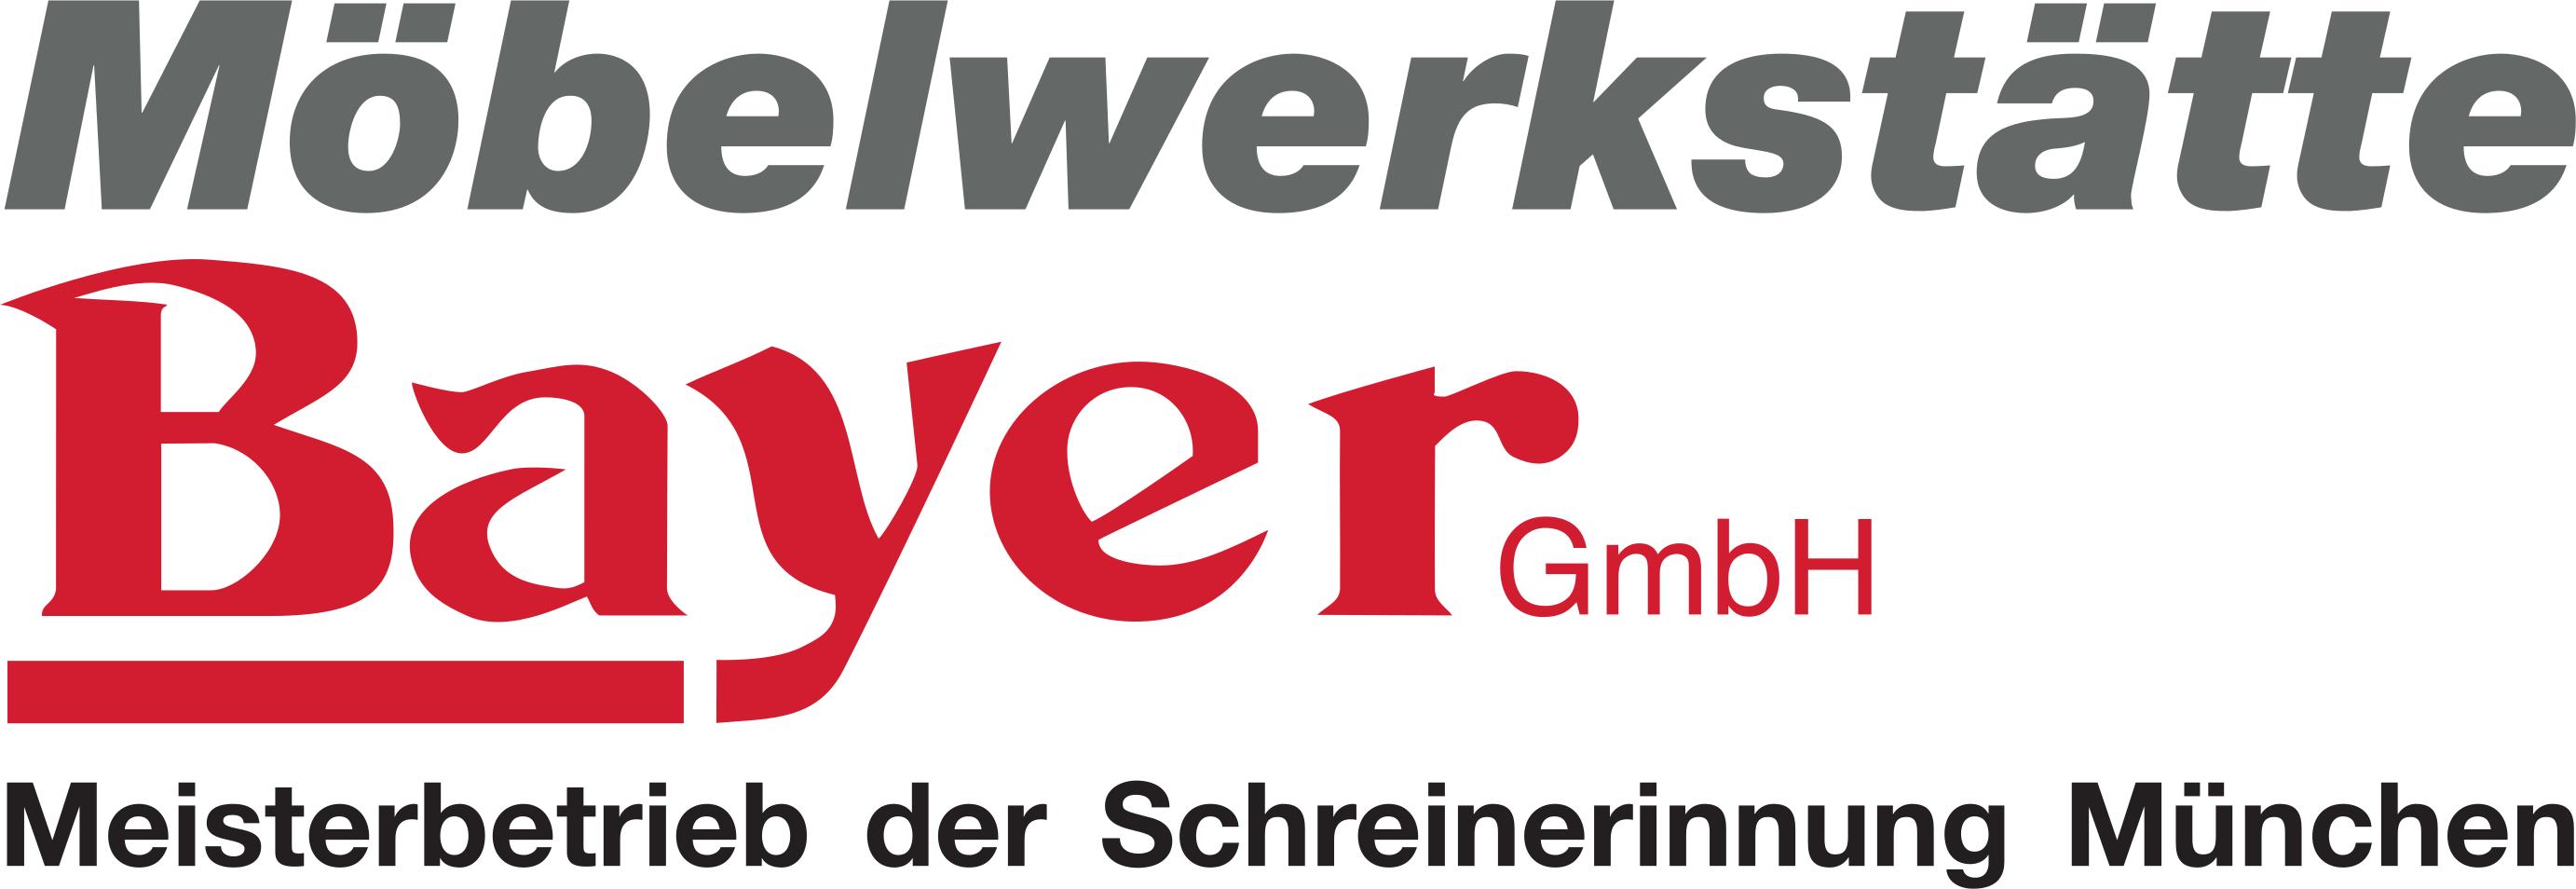 Möbelwerkstätte Bayer GmbH